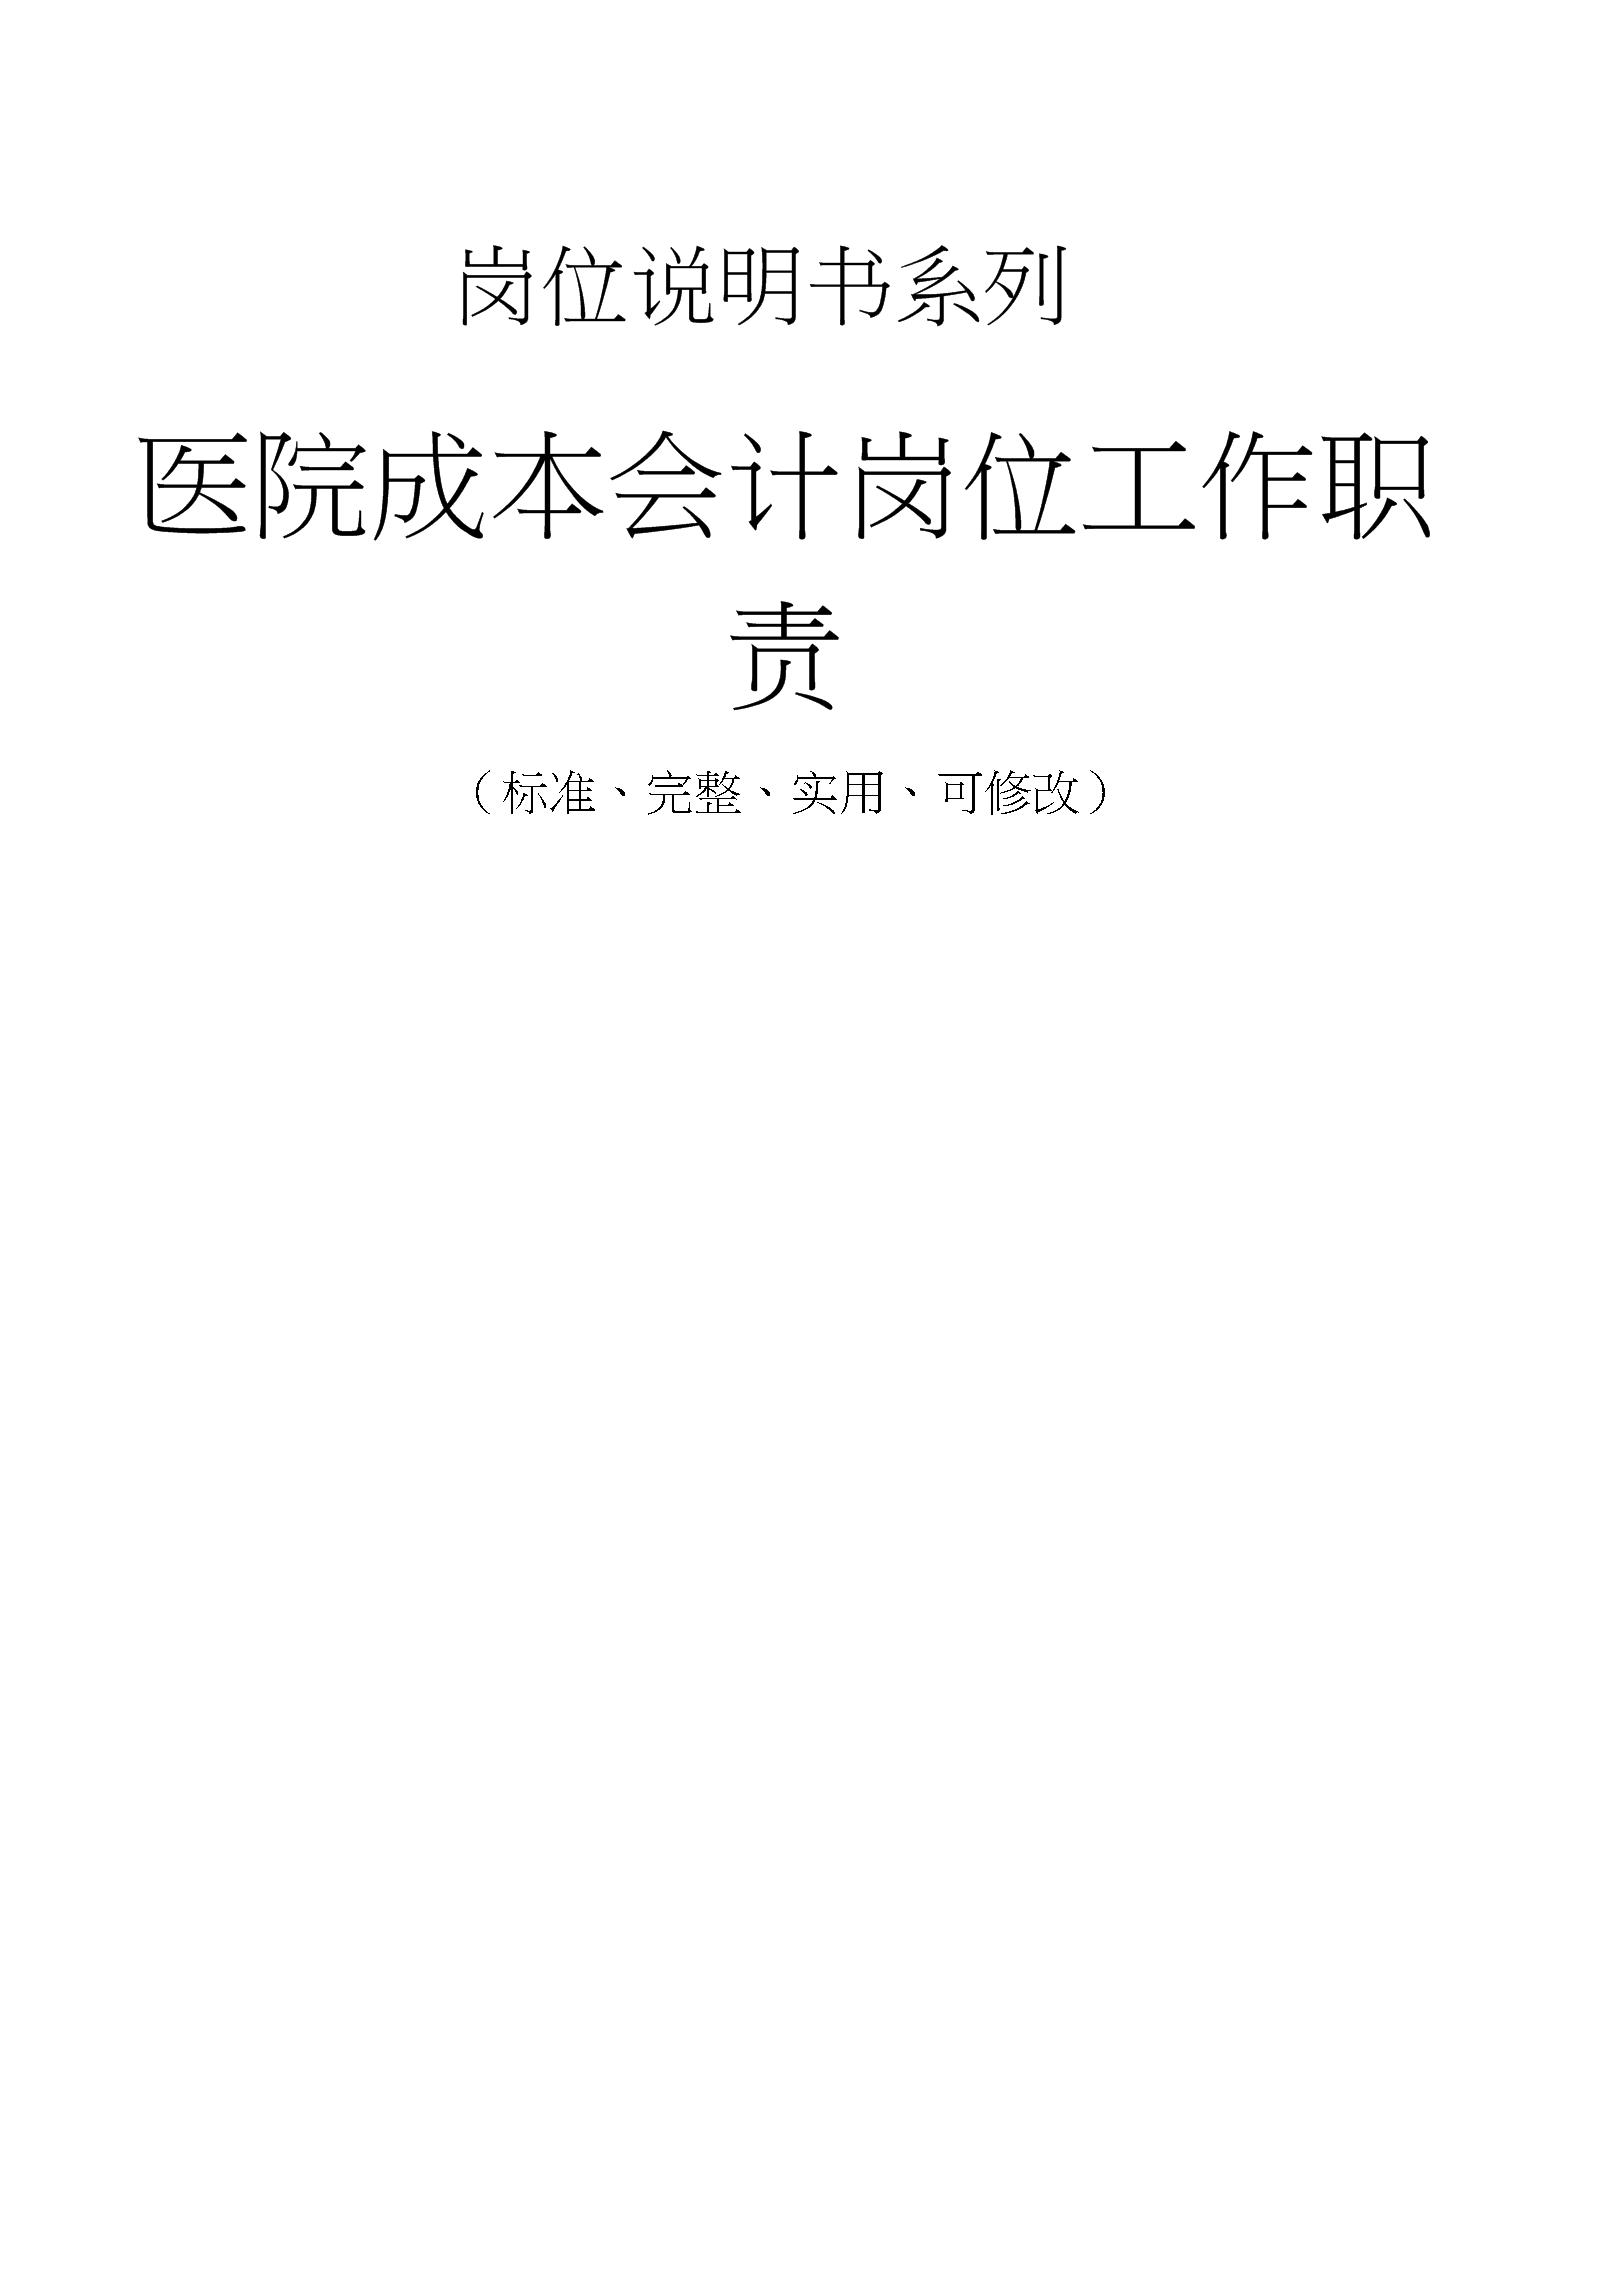 医院成本会计岗位工作职责.docx